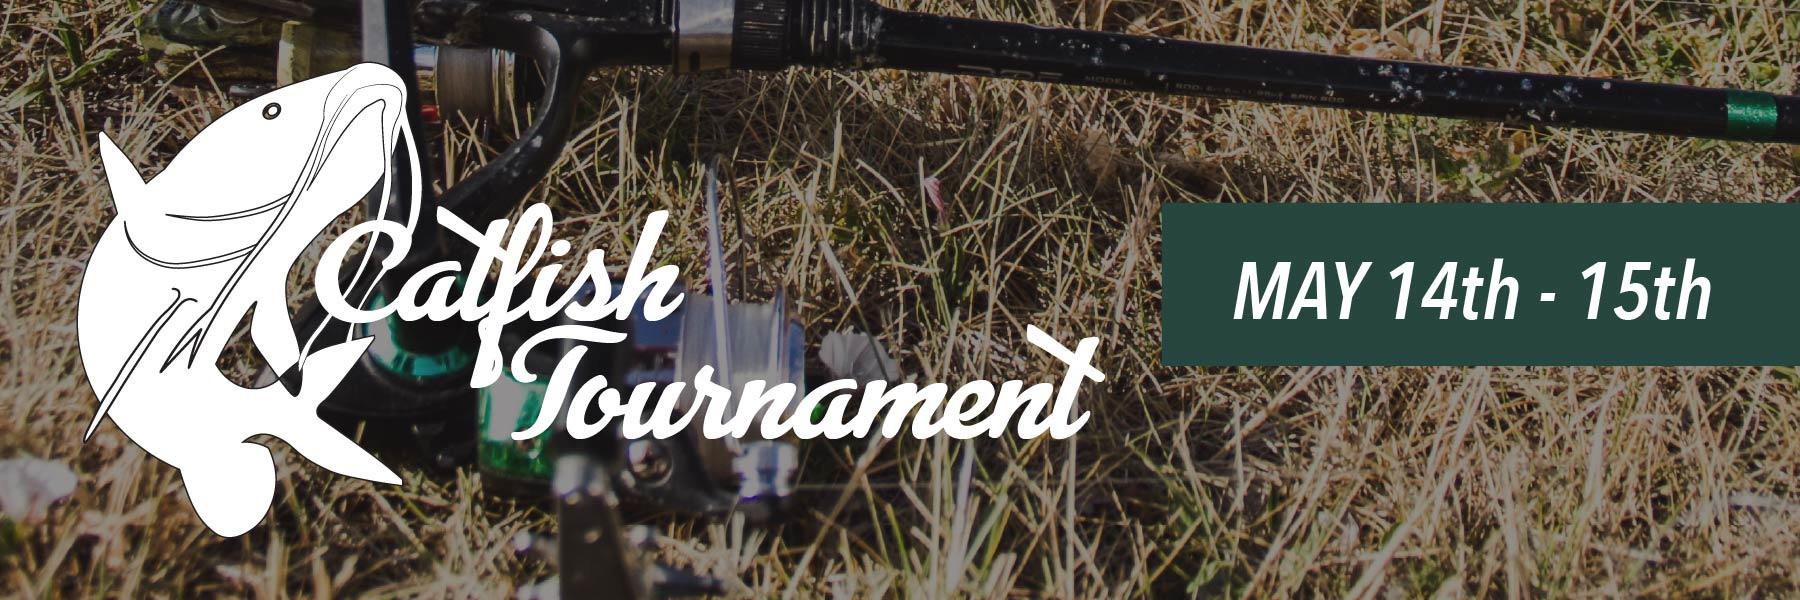 catfish tournament banner